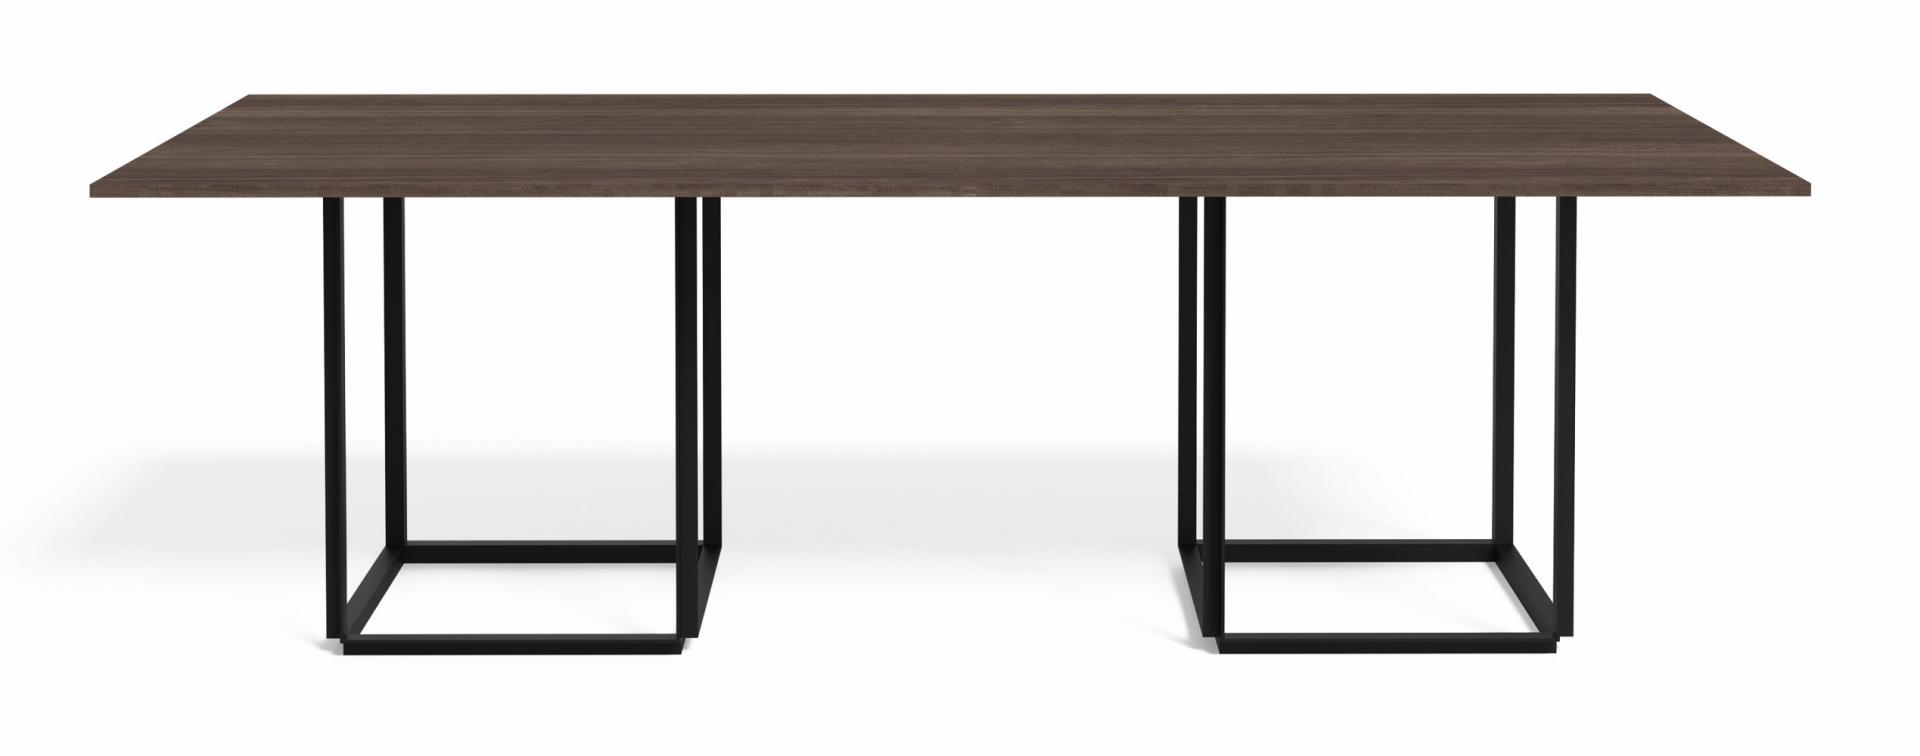 New Works designové jídelní stoly Florence Dining Table Rectangular